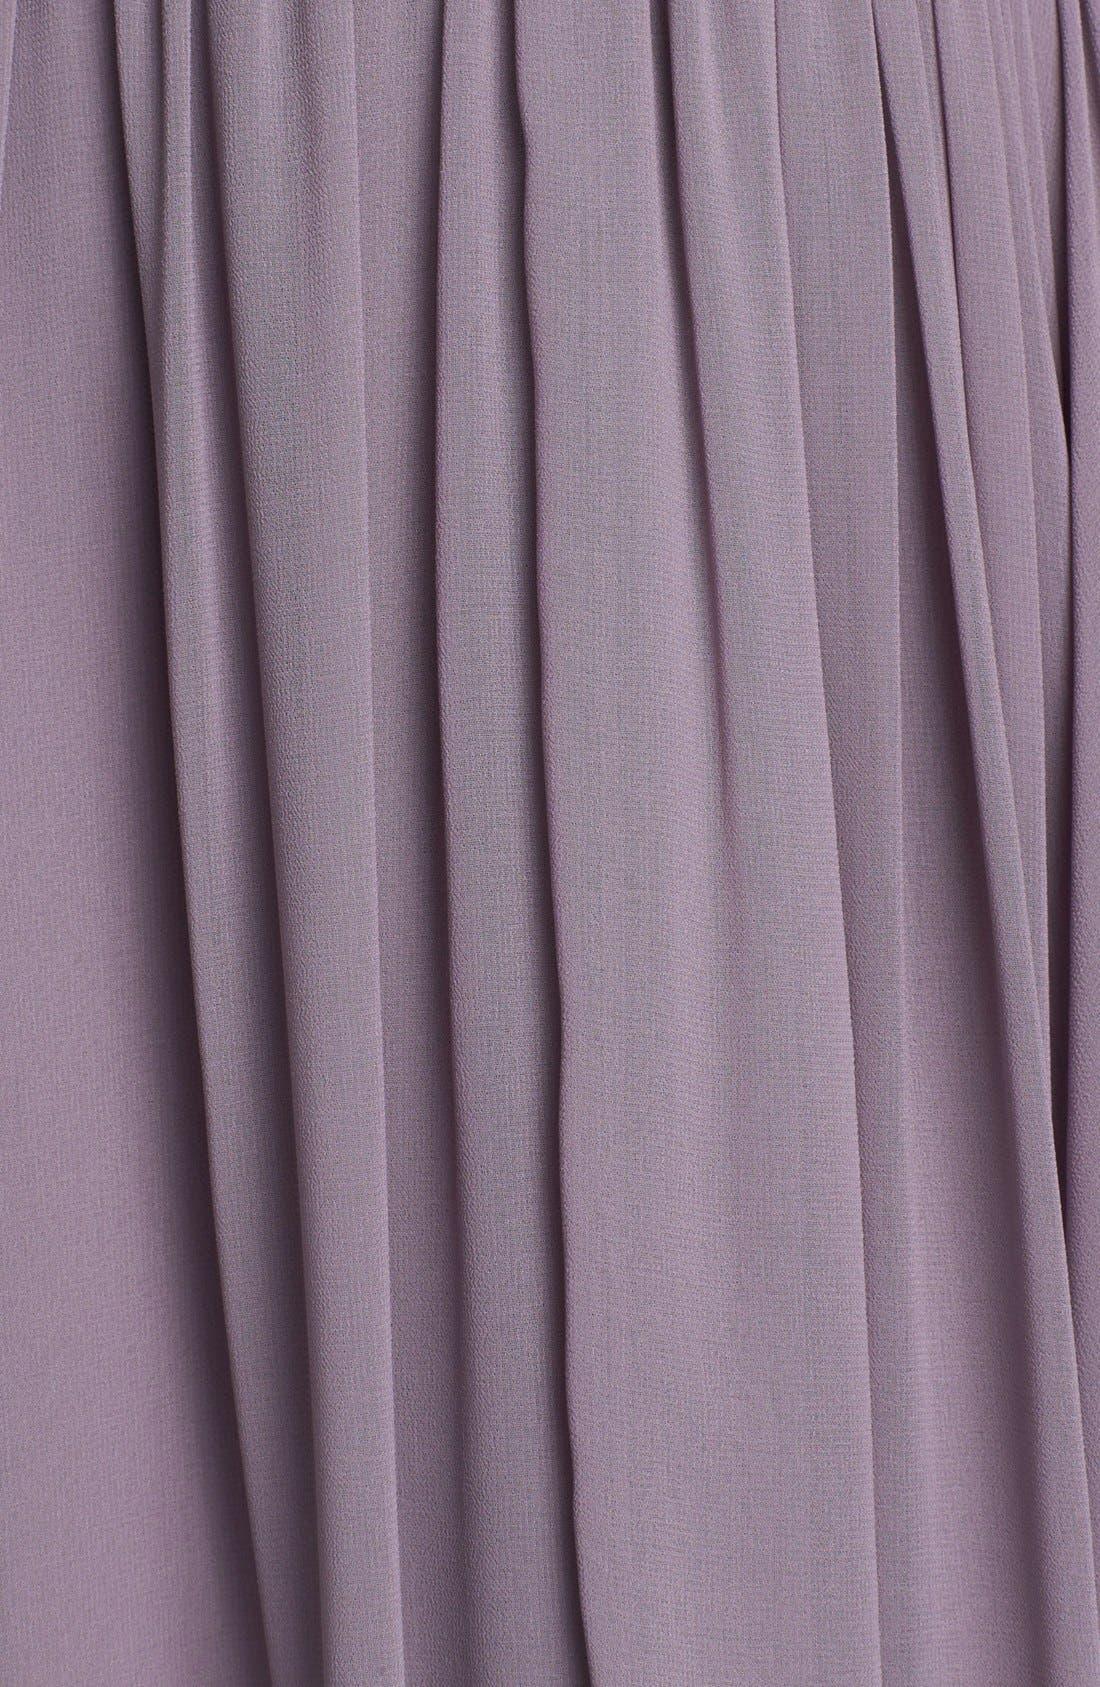 Alternate Image 3  - Donna Morgan 'Lily' Draped Chiffon Dress